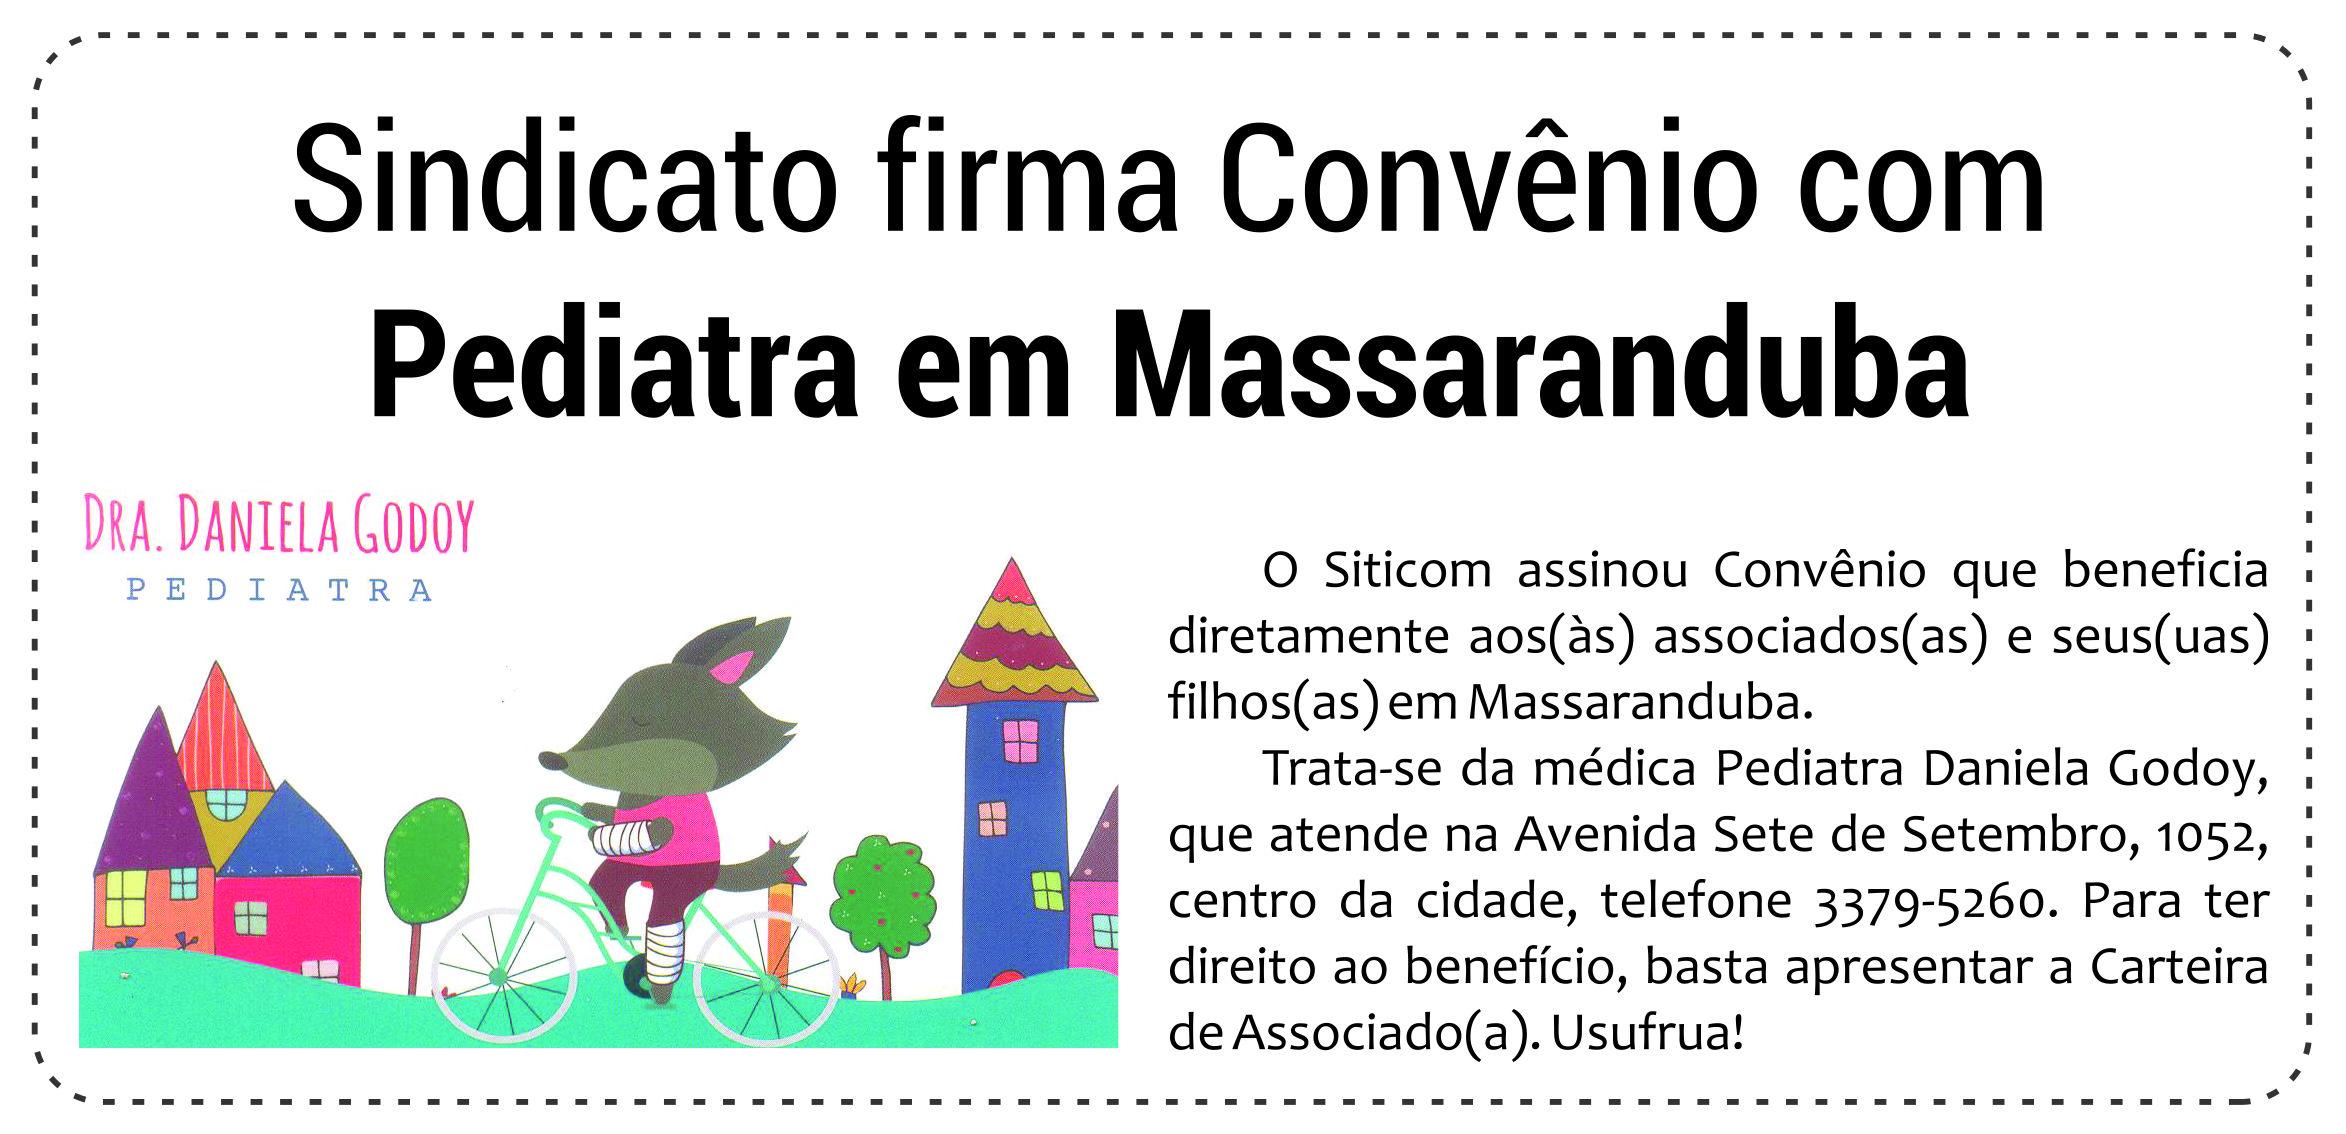 Sindicato firma convênio com pediatra em Massaranduba.